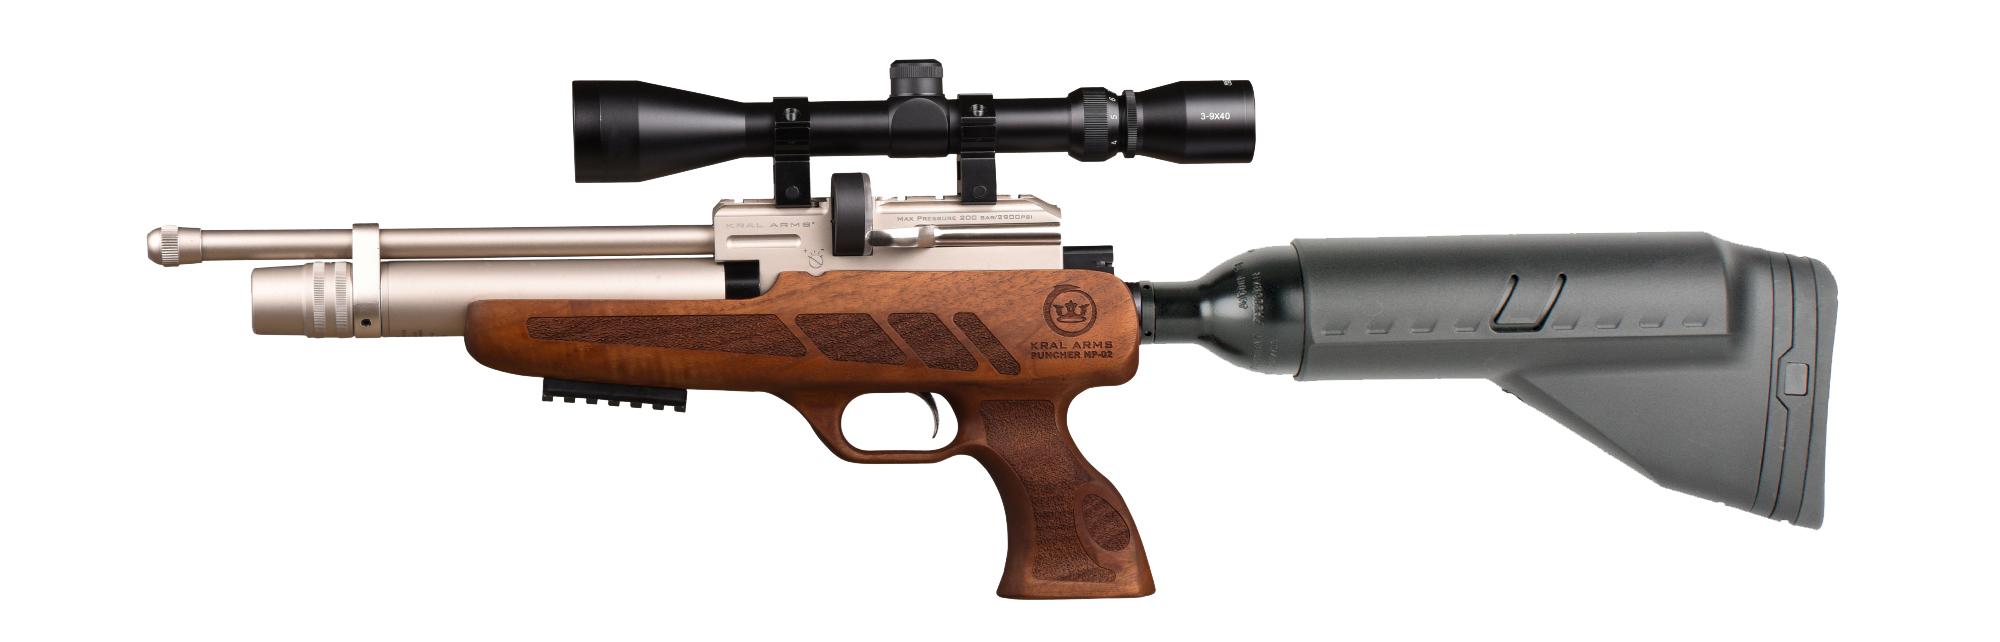 Kral Puncher NP-02 PCP Air Rifle  177 &  22 Marine